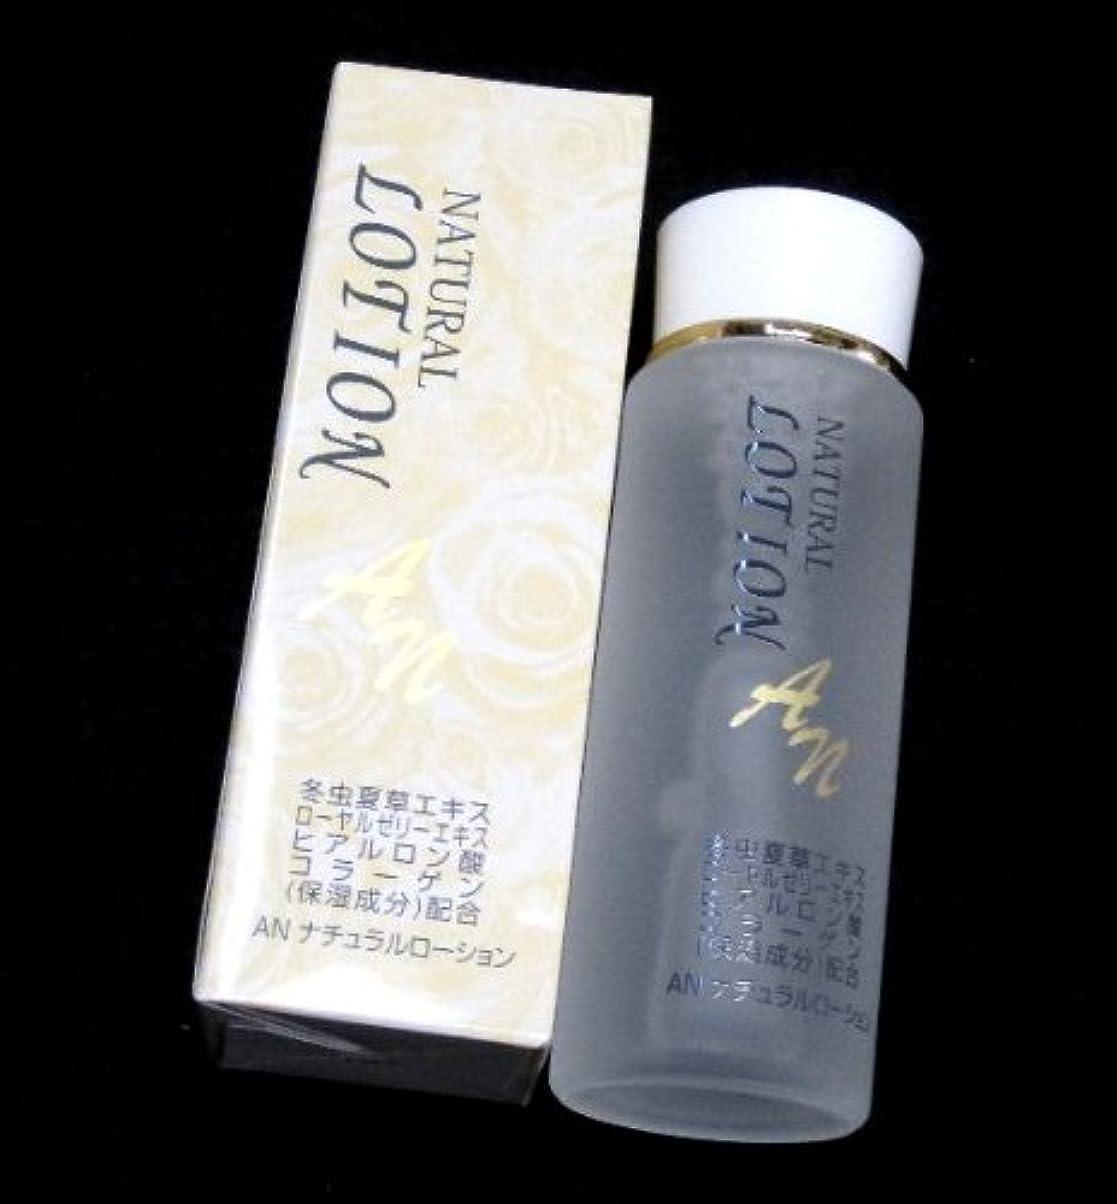 ダウンタウン構成員治療AN ナチュラルローション(化粧水) 自然美肌